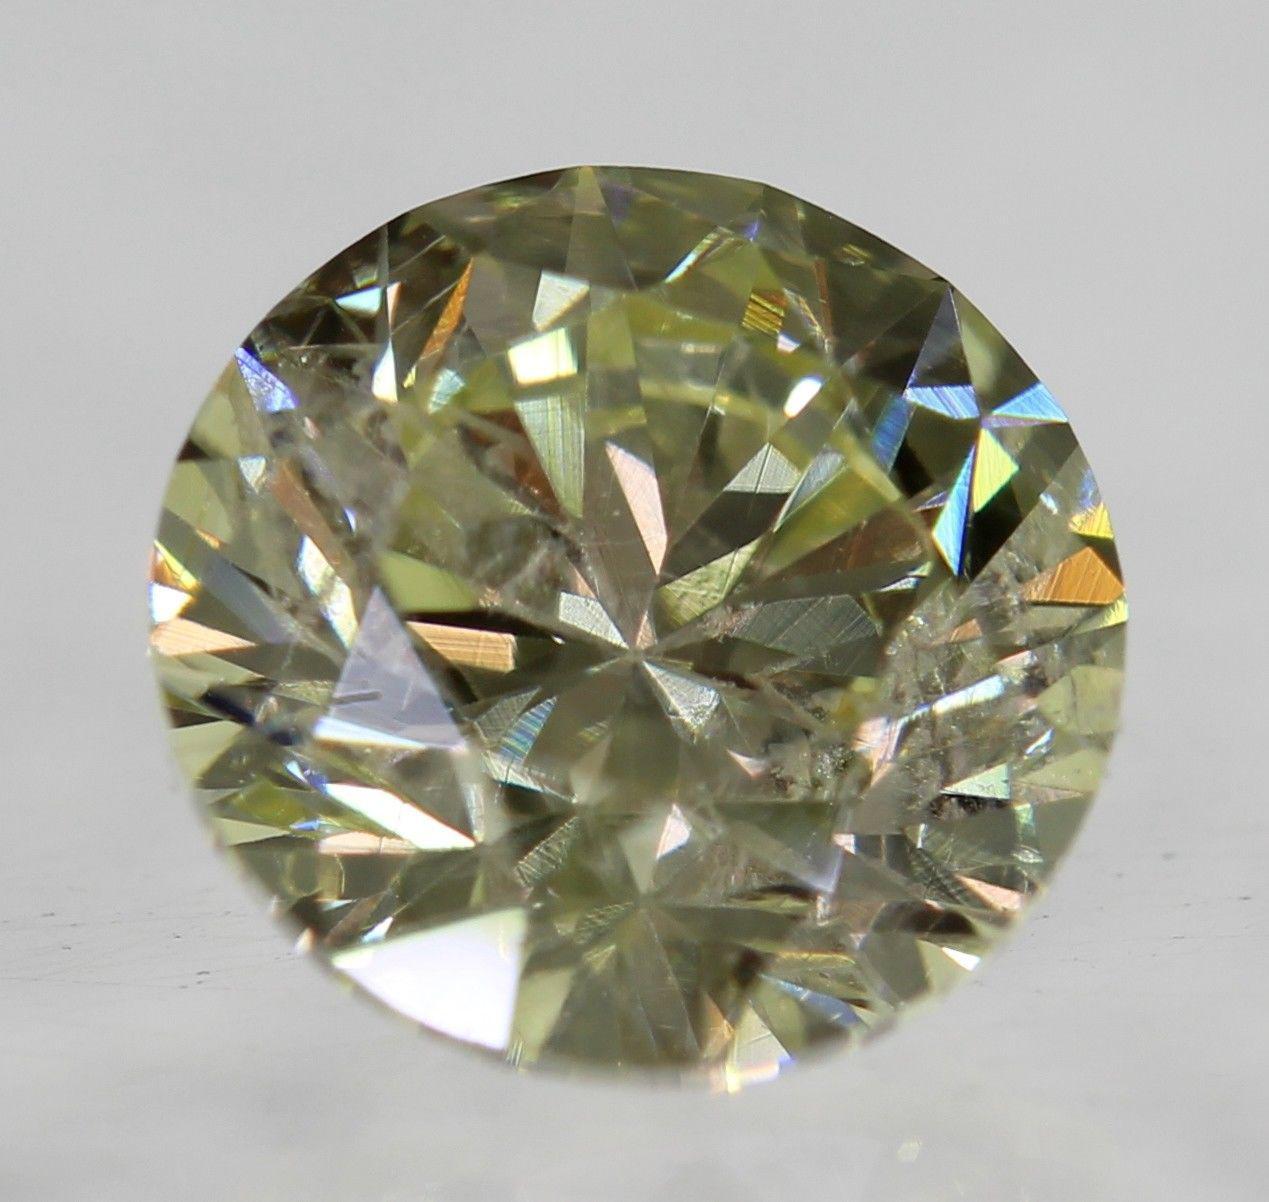 Бриллиант природный 0.74 Carat  SI1 желтый 5.62 - 5.66 X 3.69 мм